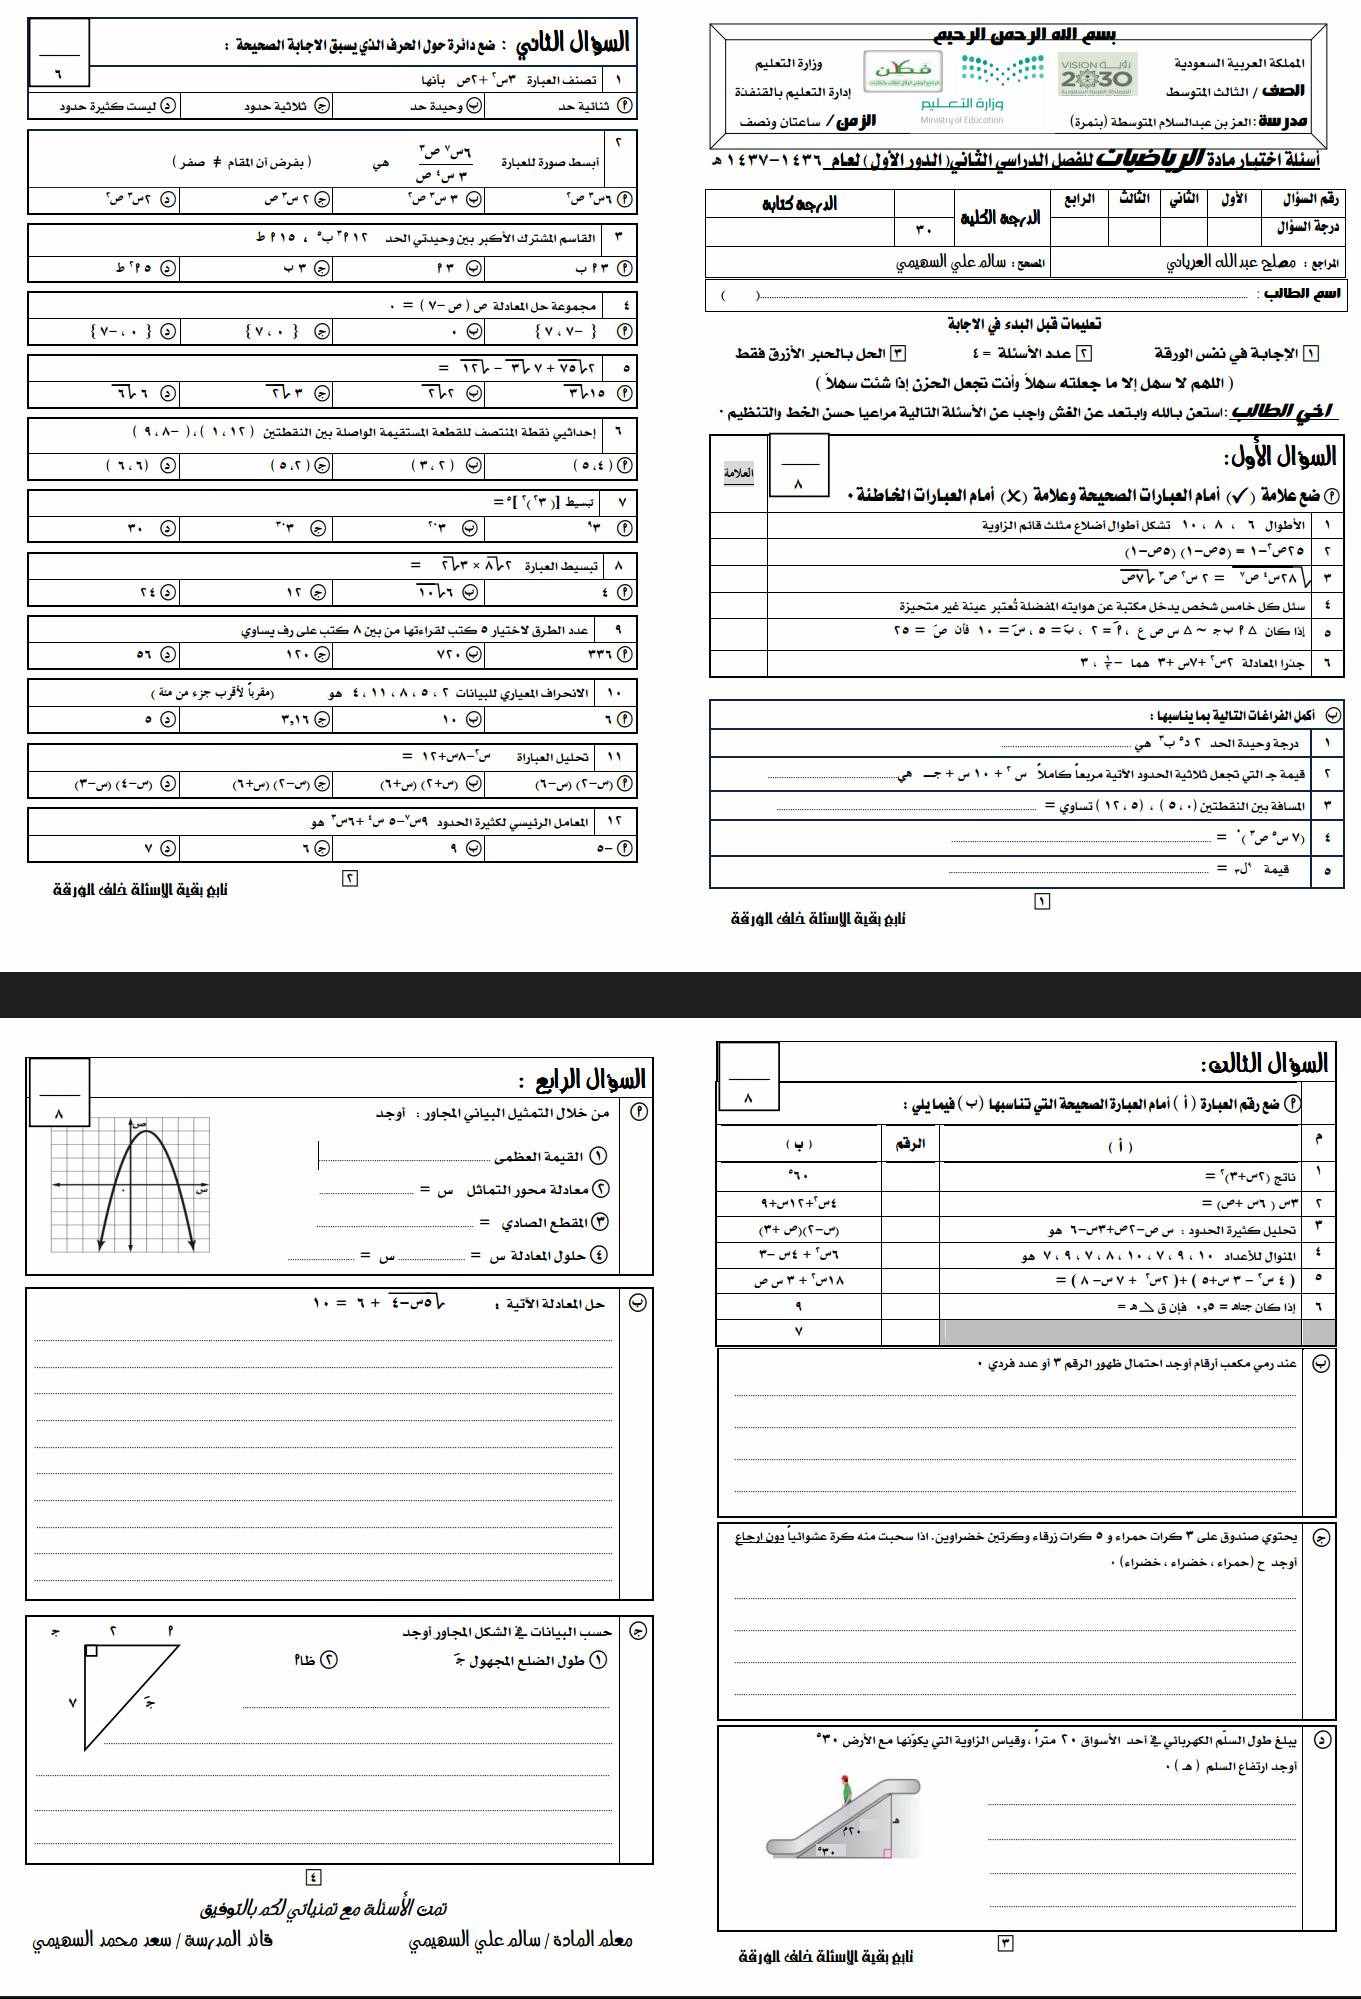 تحميل كتاب رياضيات ثاني متوسط الفصل الثاني pdf